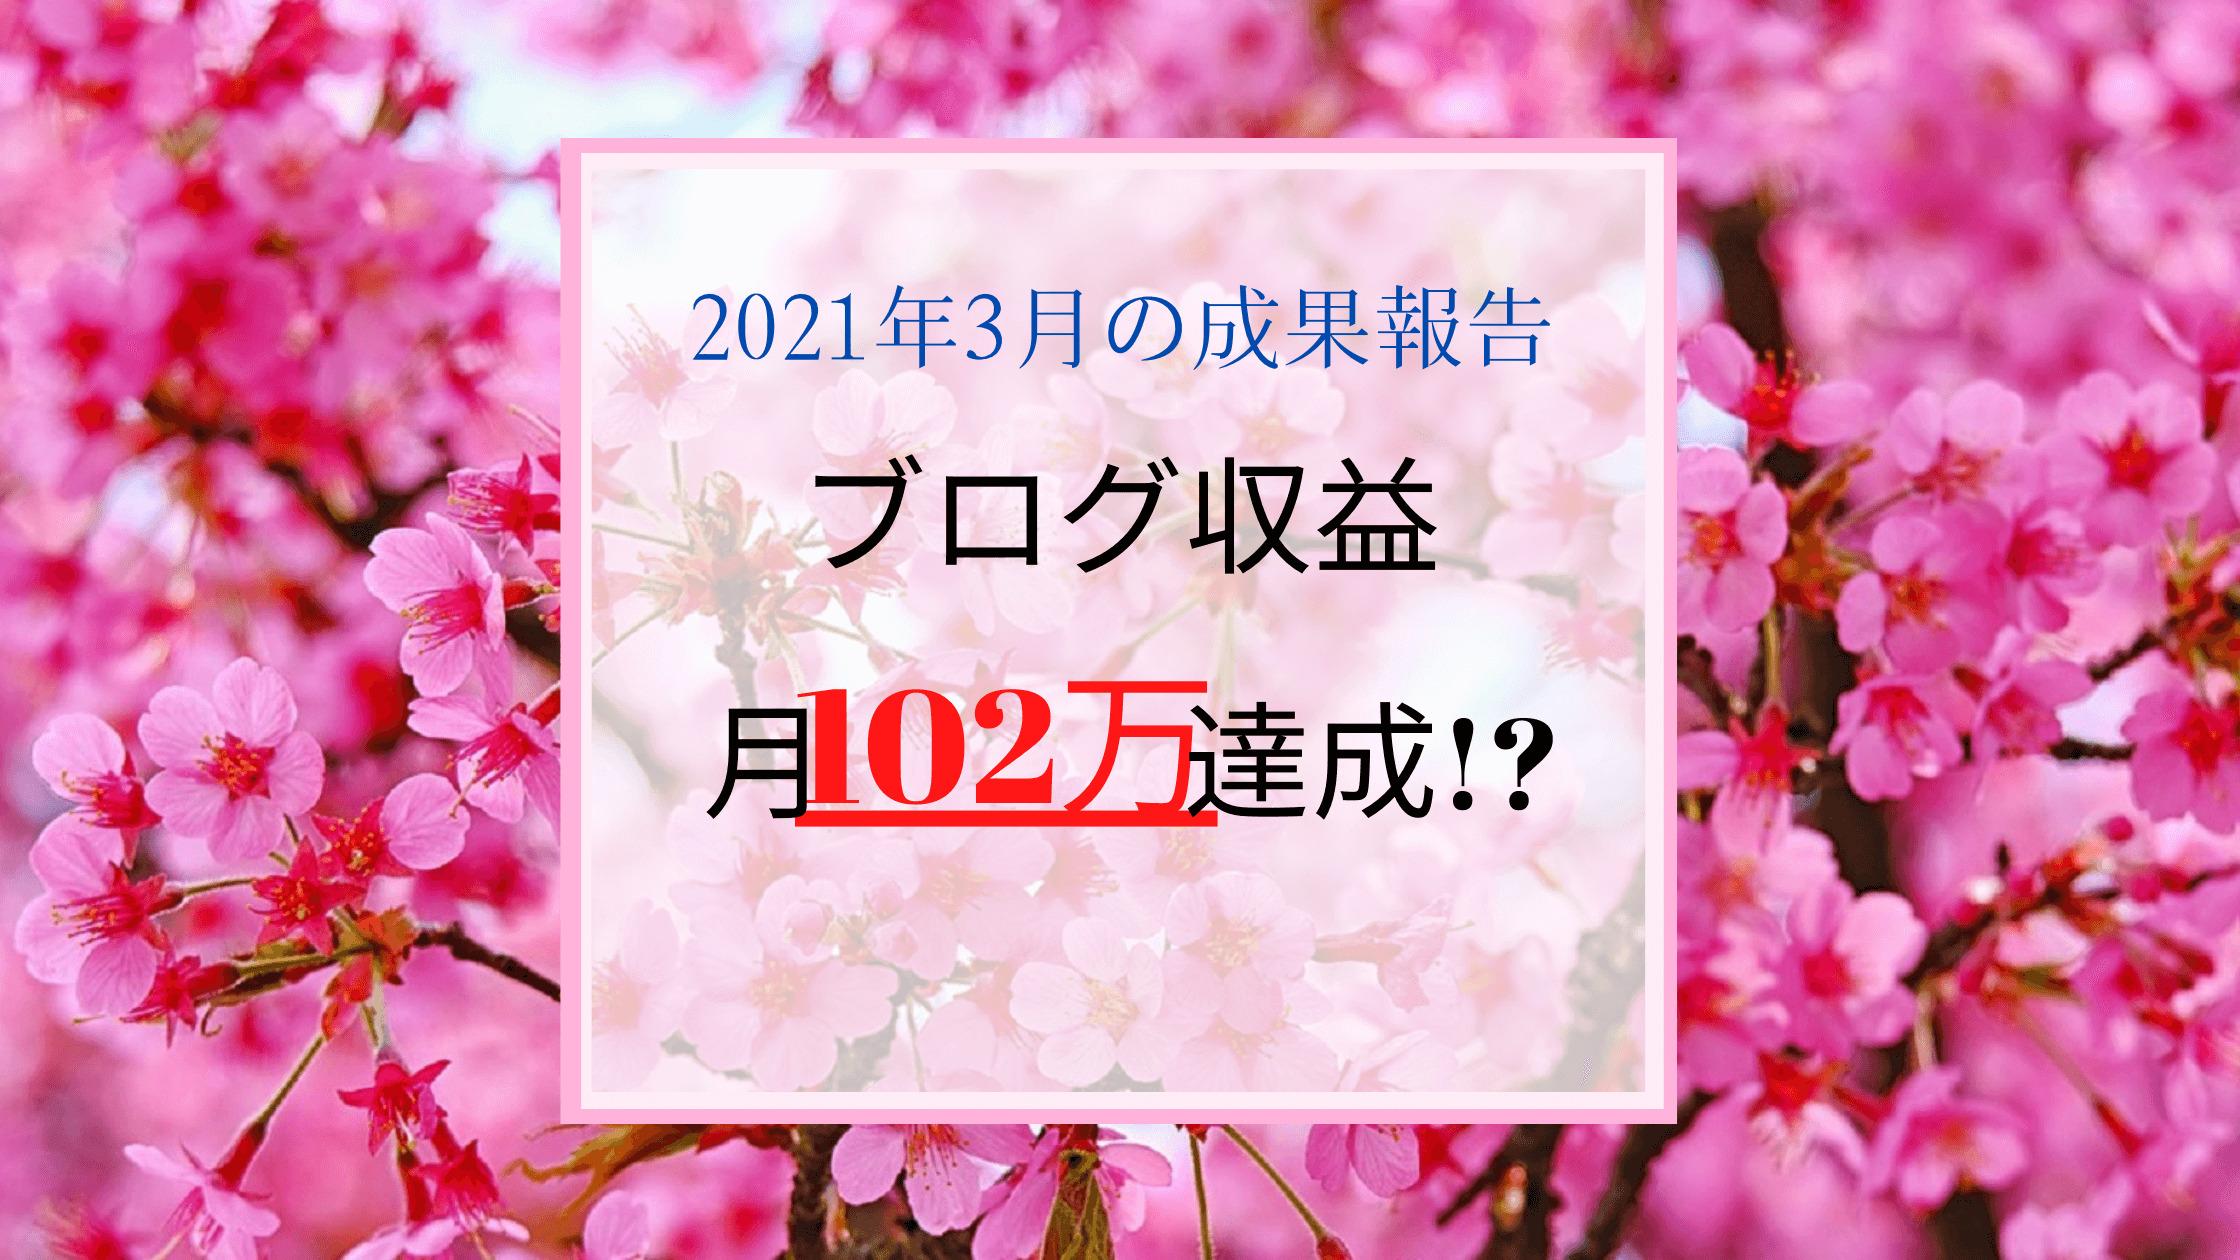 【2021.3月の成果報告】月100万円を超える収益大公開!